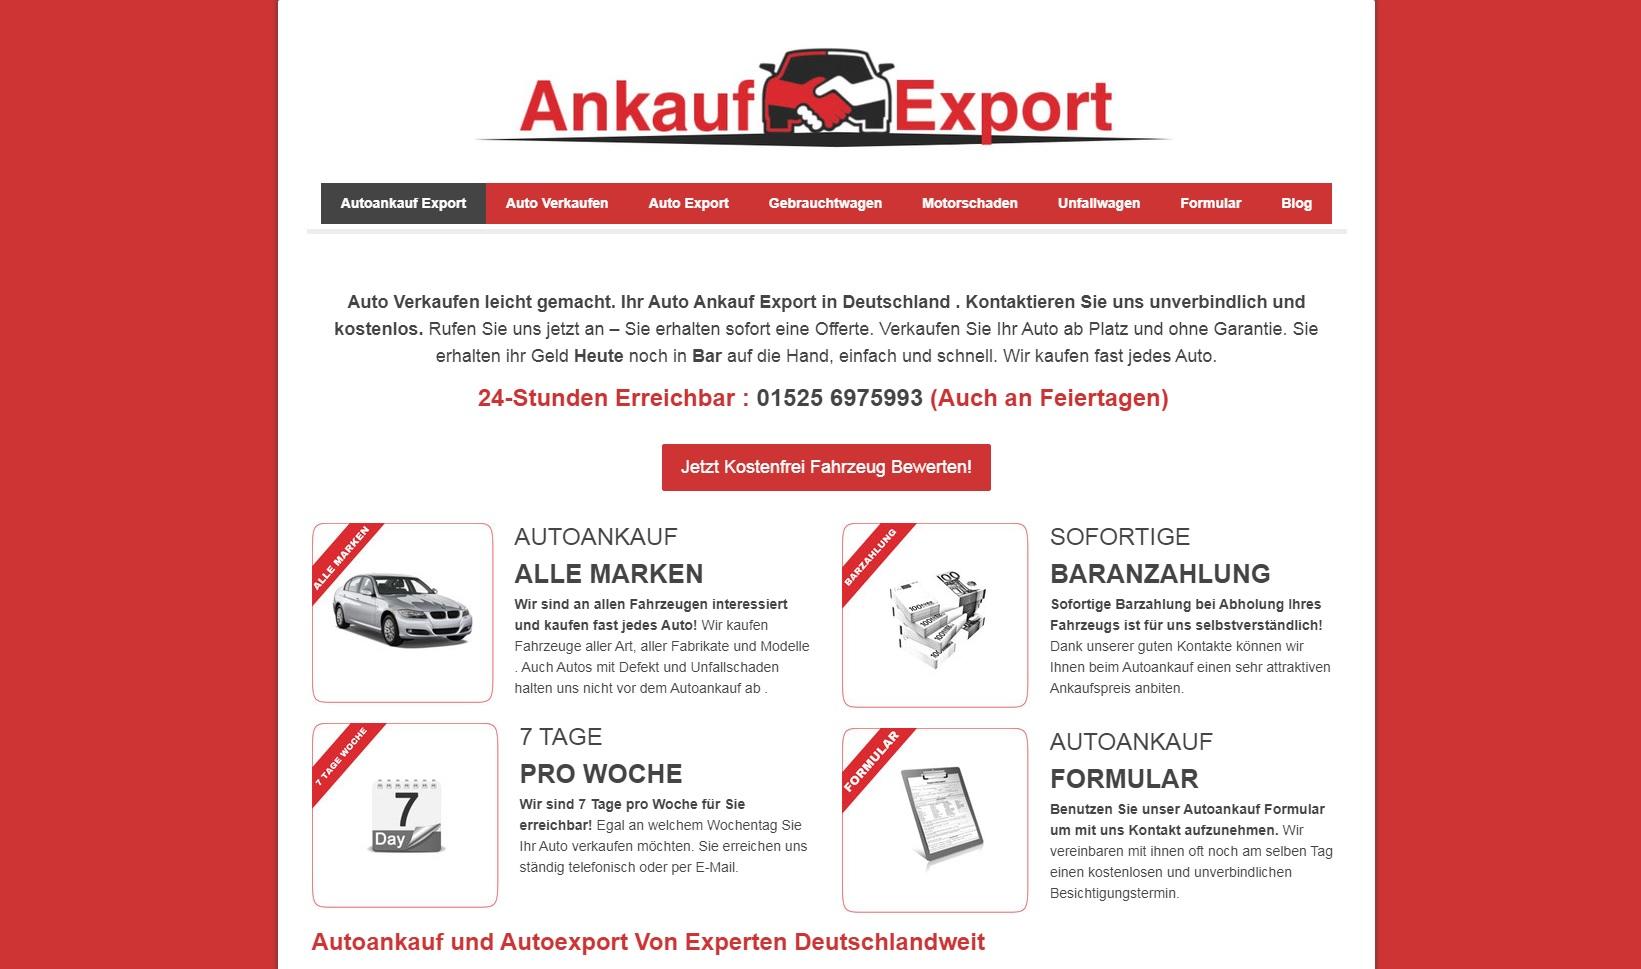 auto verkaufen leicht gemacht ihr professioneller autoankauf in chemnitz - Auto Verkaufen leicht gemacht. Ihr Professioneller Autoankauf in Chemnitz